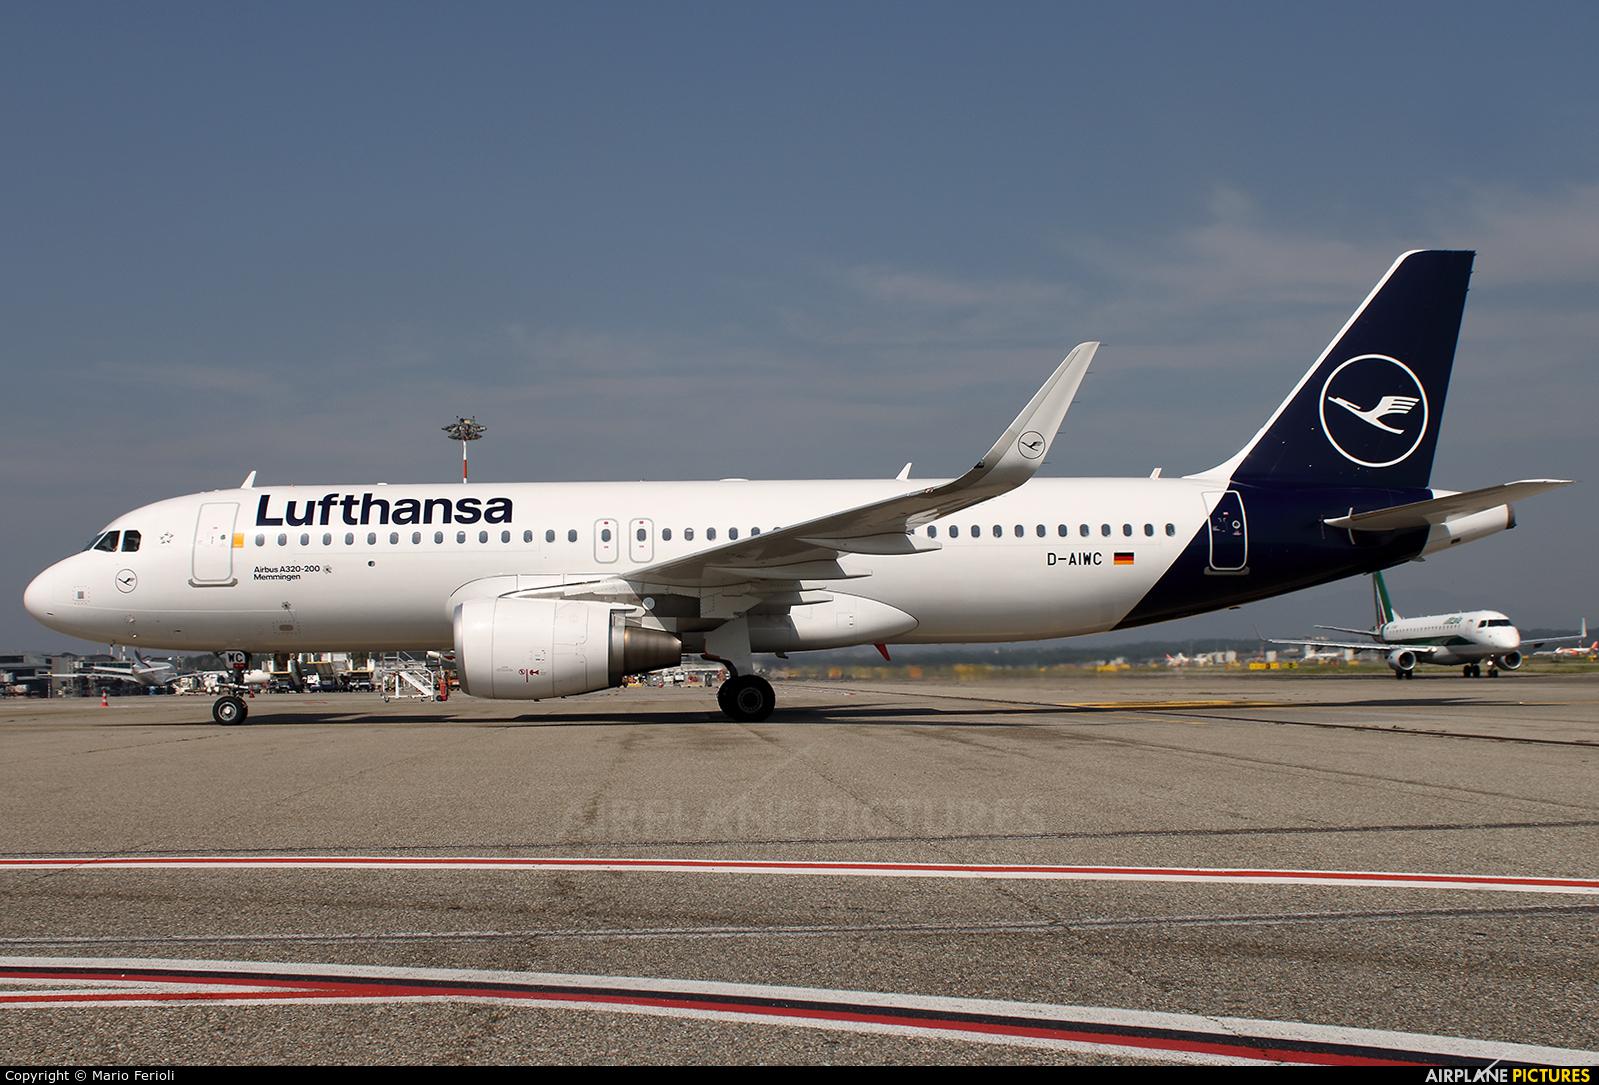 Lufthansa D-AIWC aircraft at Milan - Malpensa